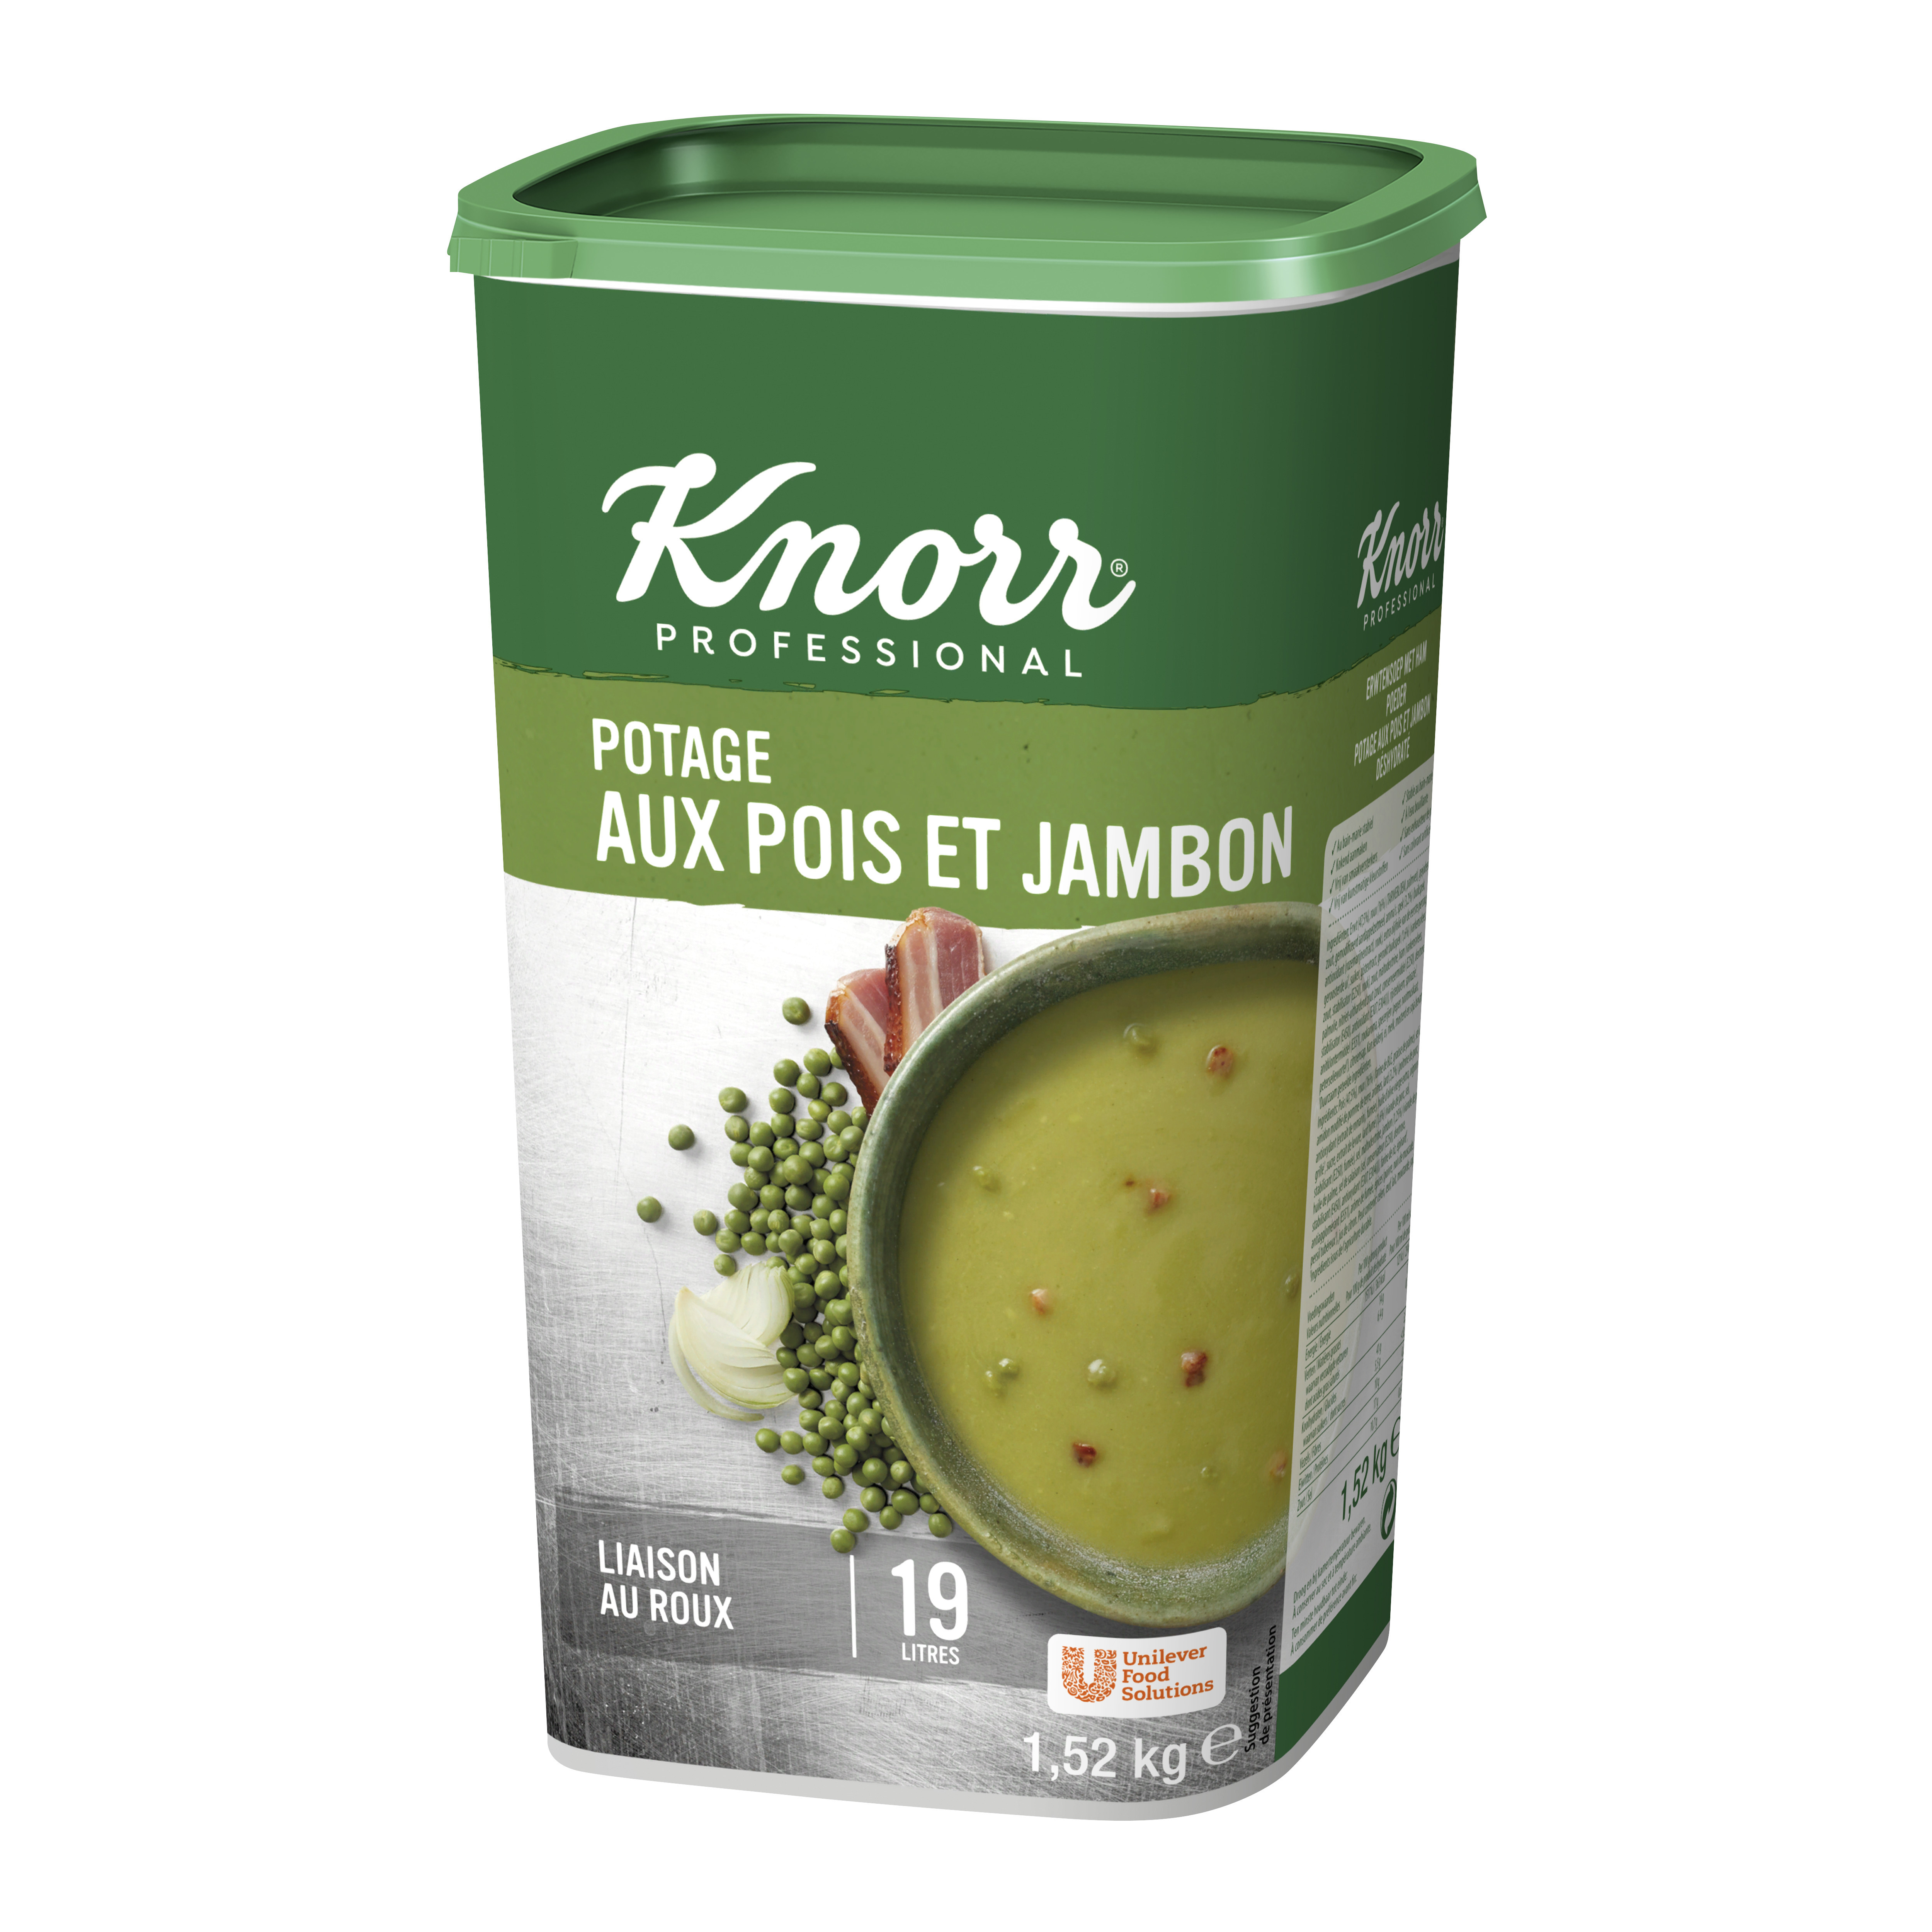 Knorr potage pois au jambon 1.52kg Professional